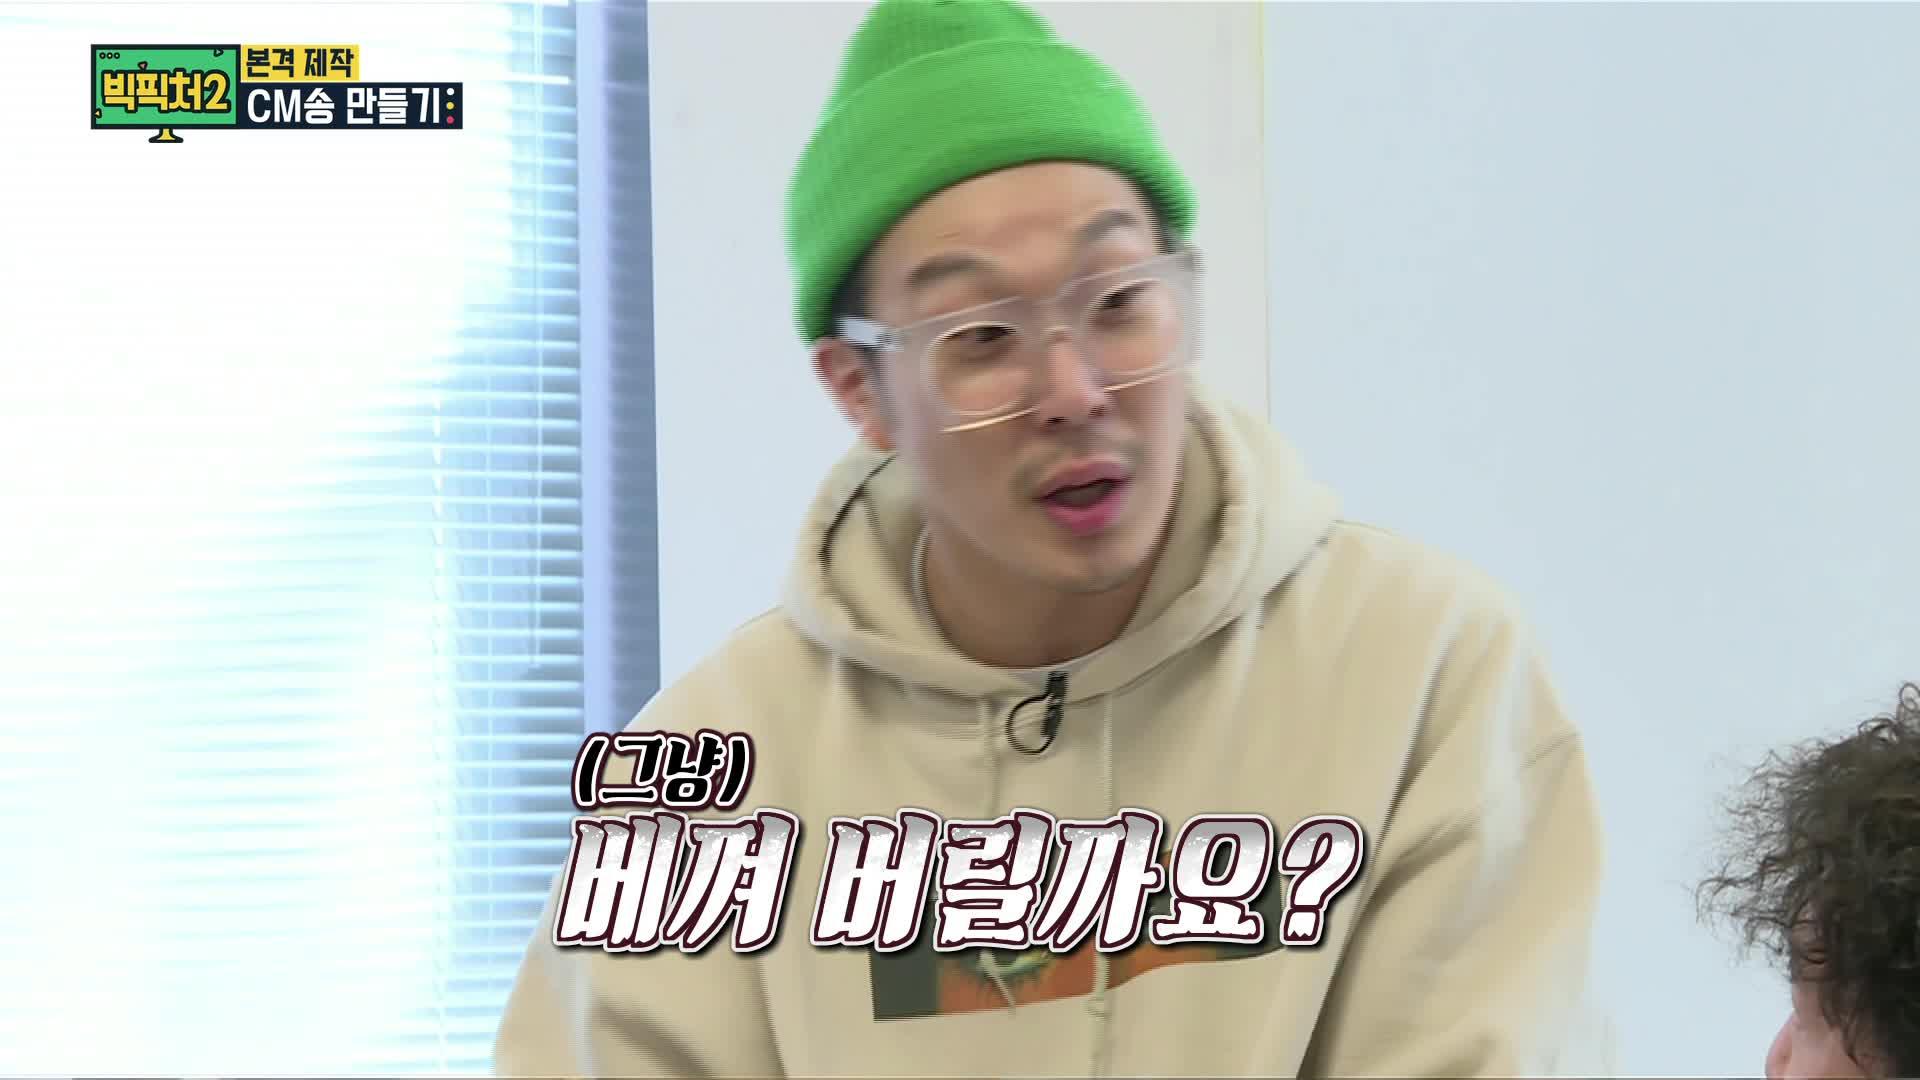 빅픽처2 ep43_뜯고 뜯기는 cm송 갈취(?)현장!?